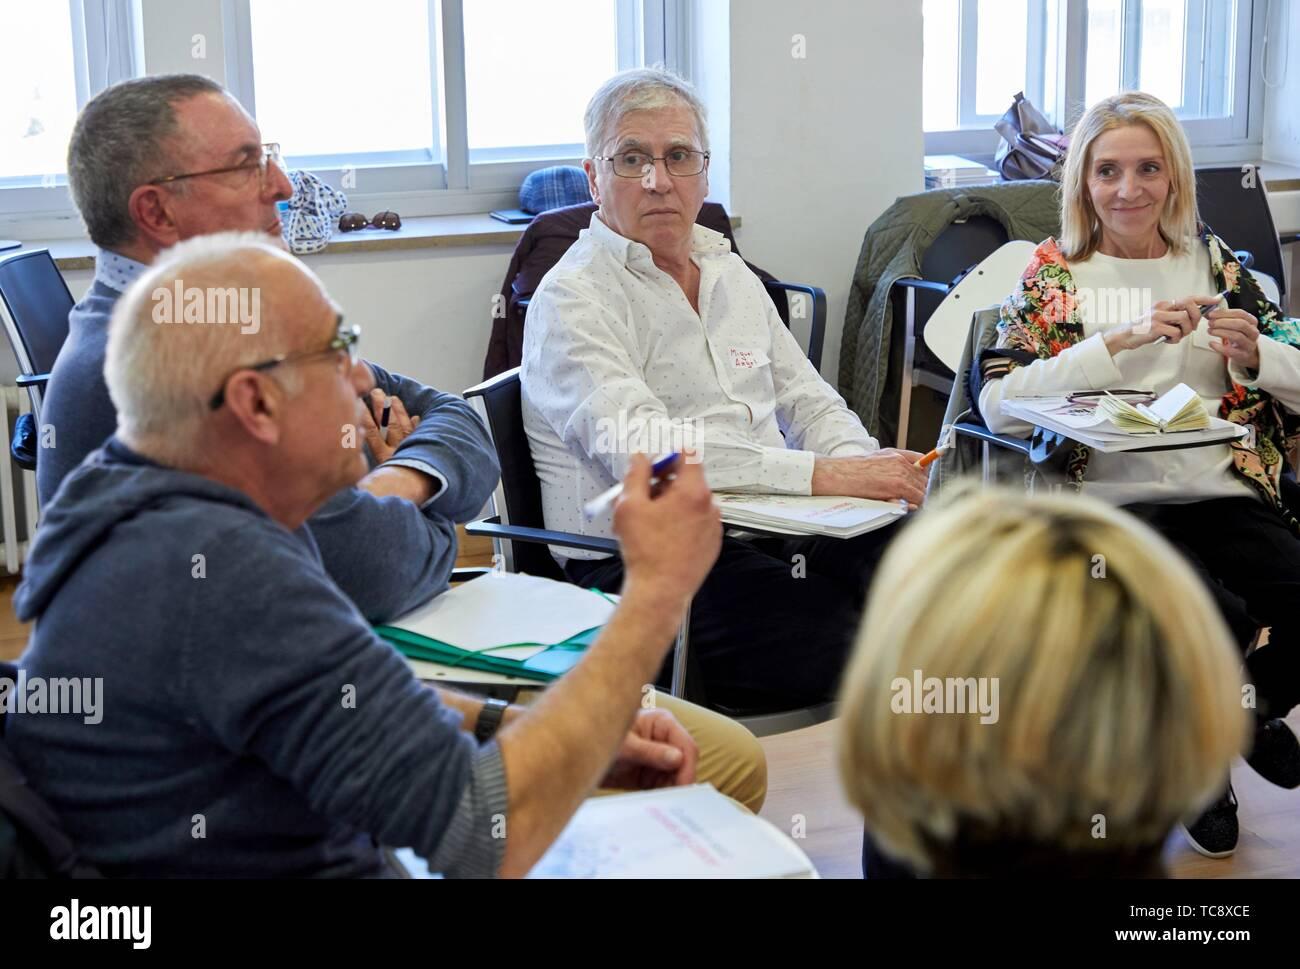 Aktiven Patienten Programm, Bildung Programm in self-care, so dass Menschen mit chronischen Krankheiten die Krankheit, sowie die Gewohnheiten kennen, können Stockbild